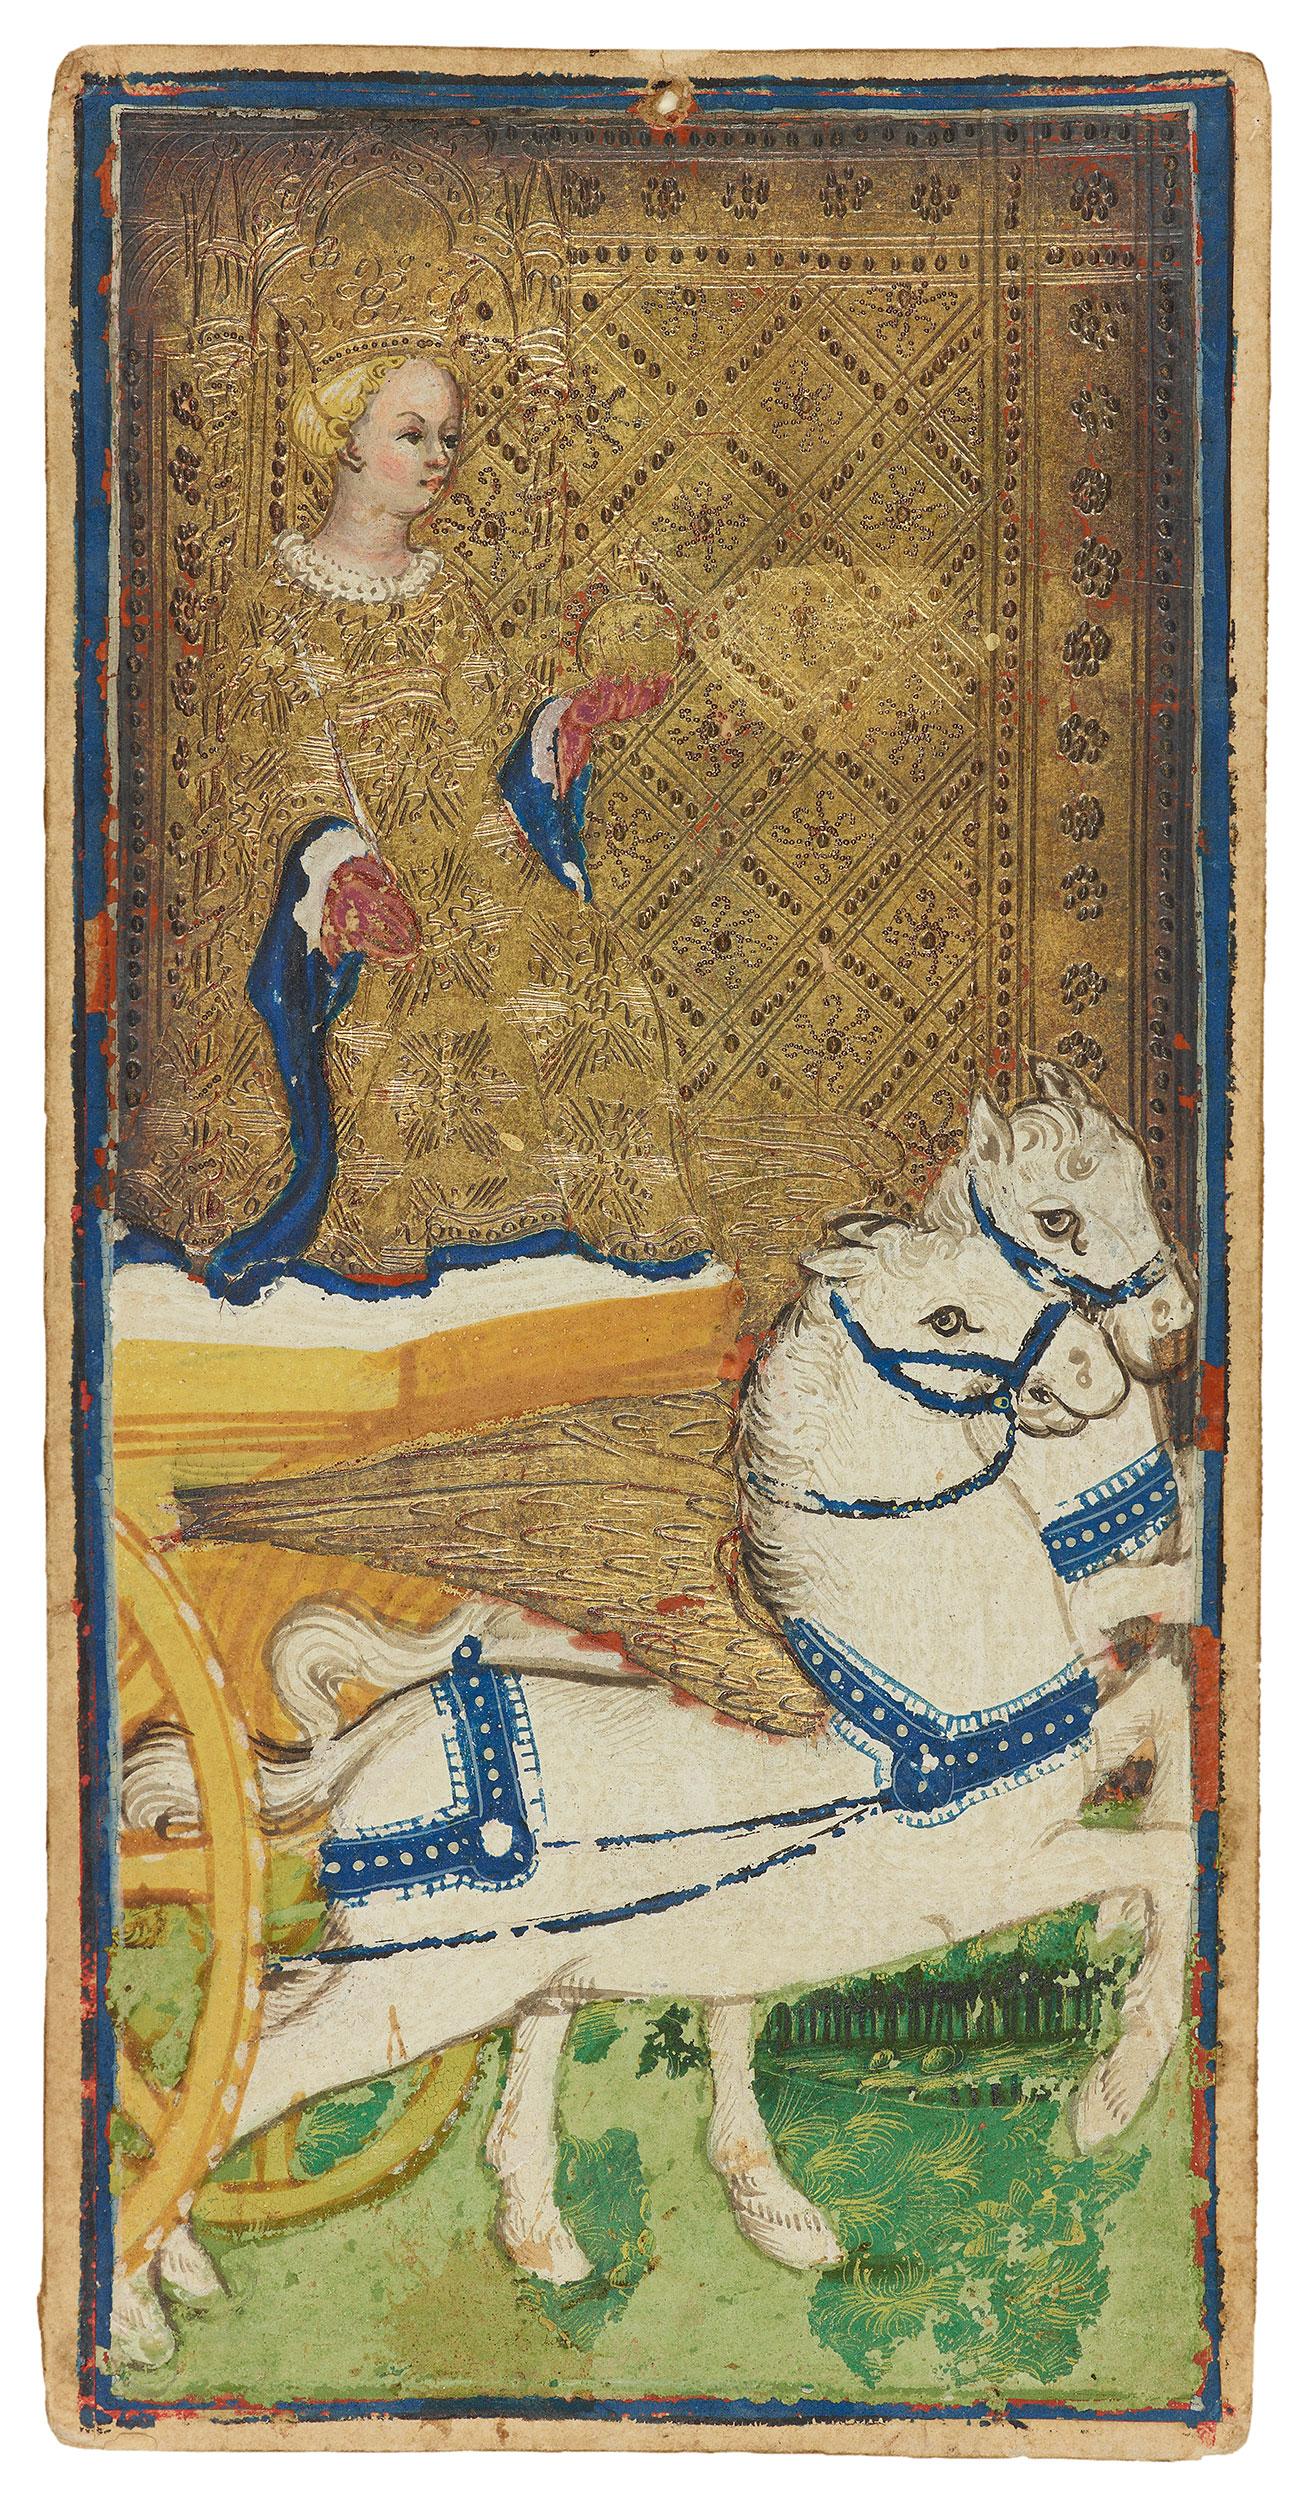 Visconti-Sforza Tarot Cards Collection